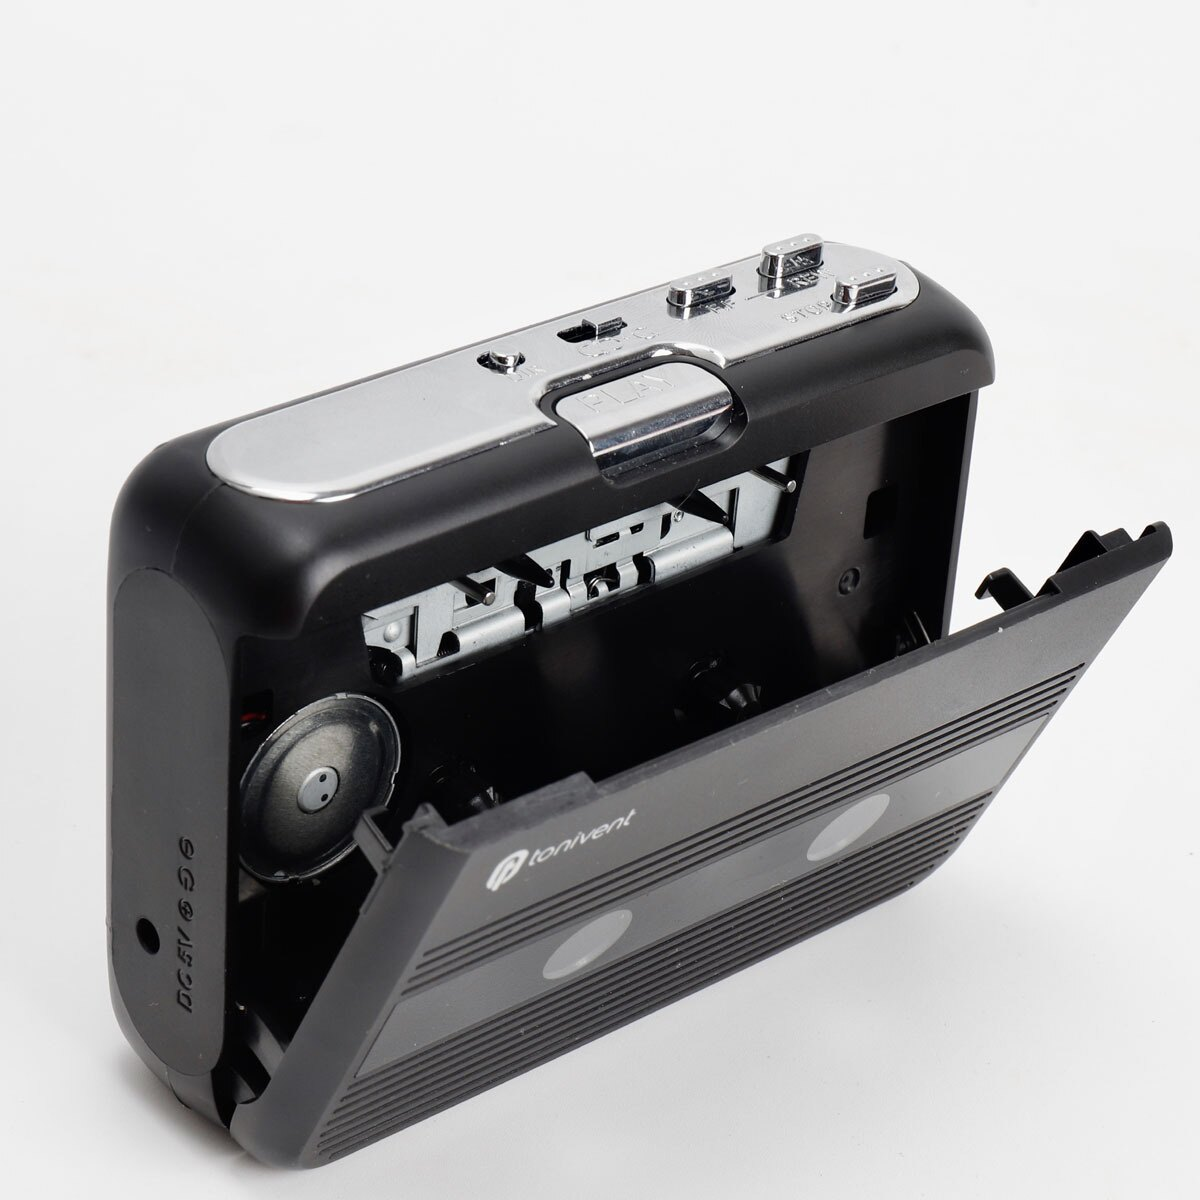 磁帶播放器 藍牙卡帶機支持藍牙輸入/輸出/FM收音